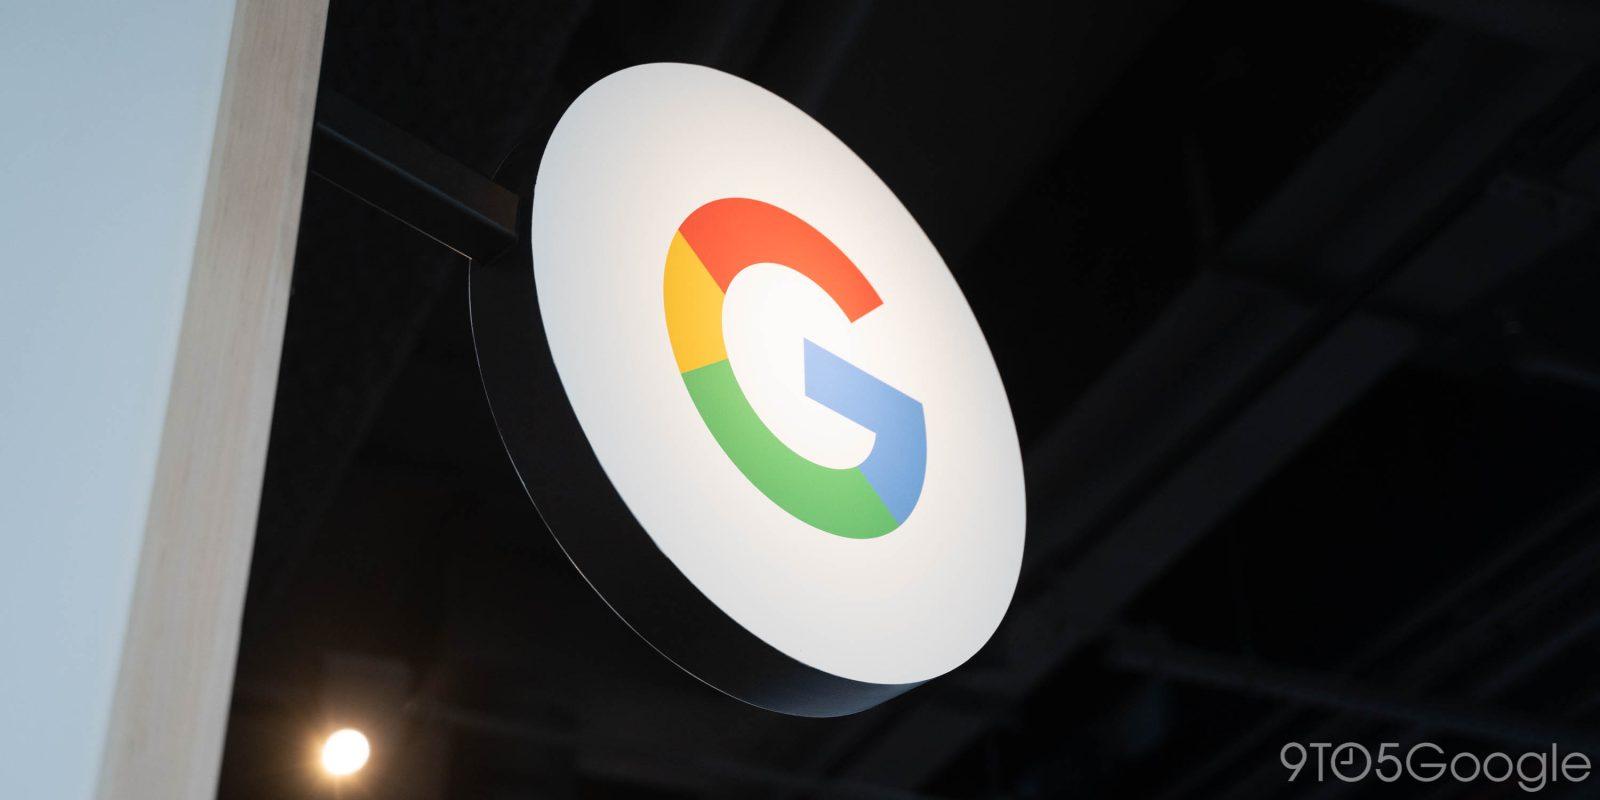 Alphabet and Google CEO Sundar Pichai calls for AI regulation